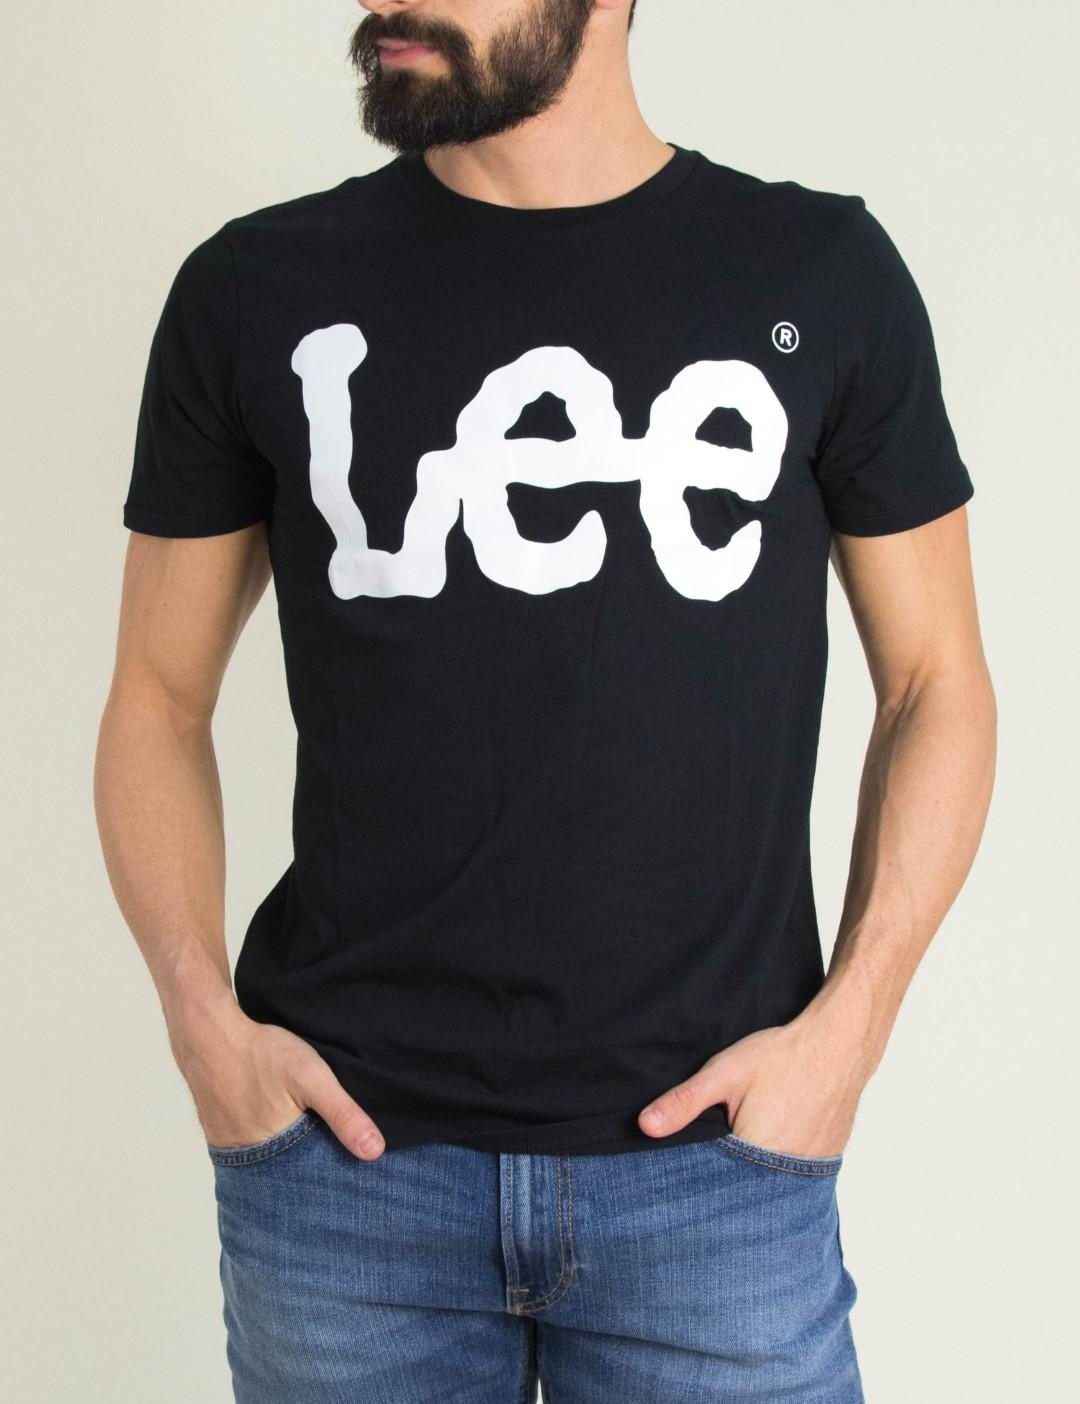 Ανδρική μαύρη κοντομάνικη μπλούζα Lee λογότυπο L62AAI01 f2df8254d2a